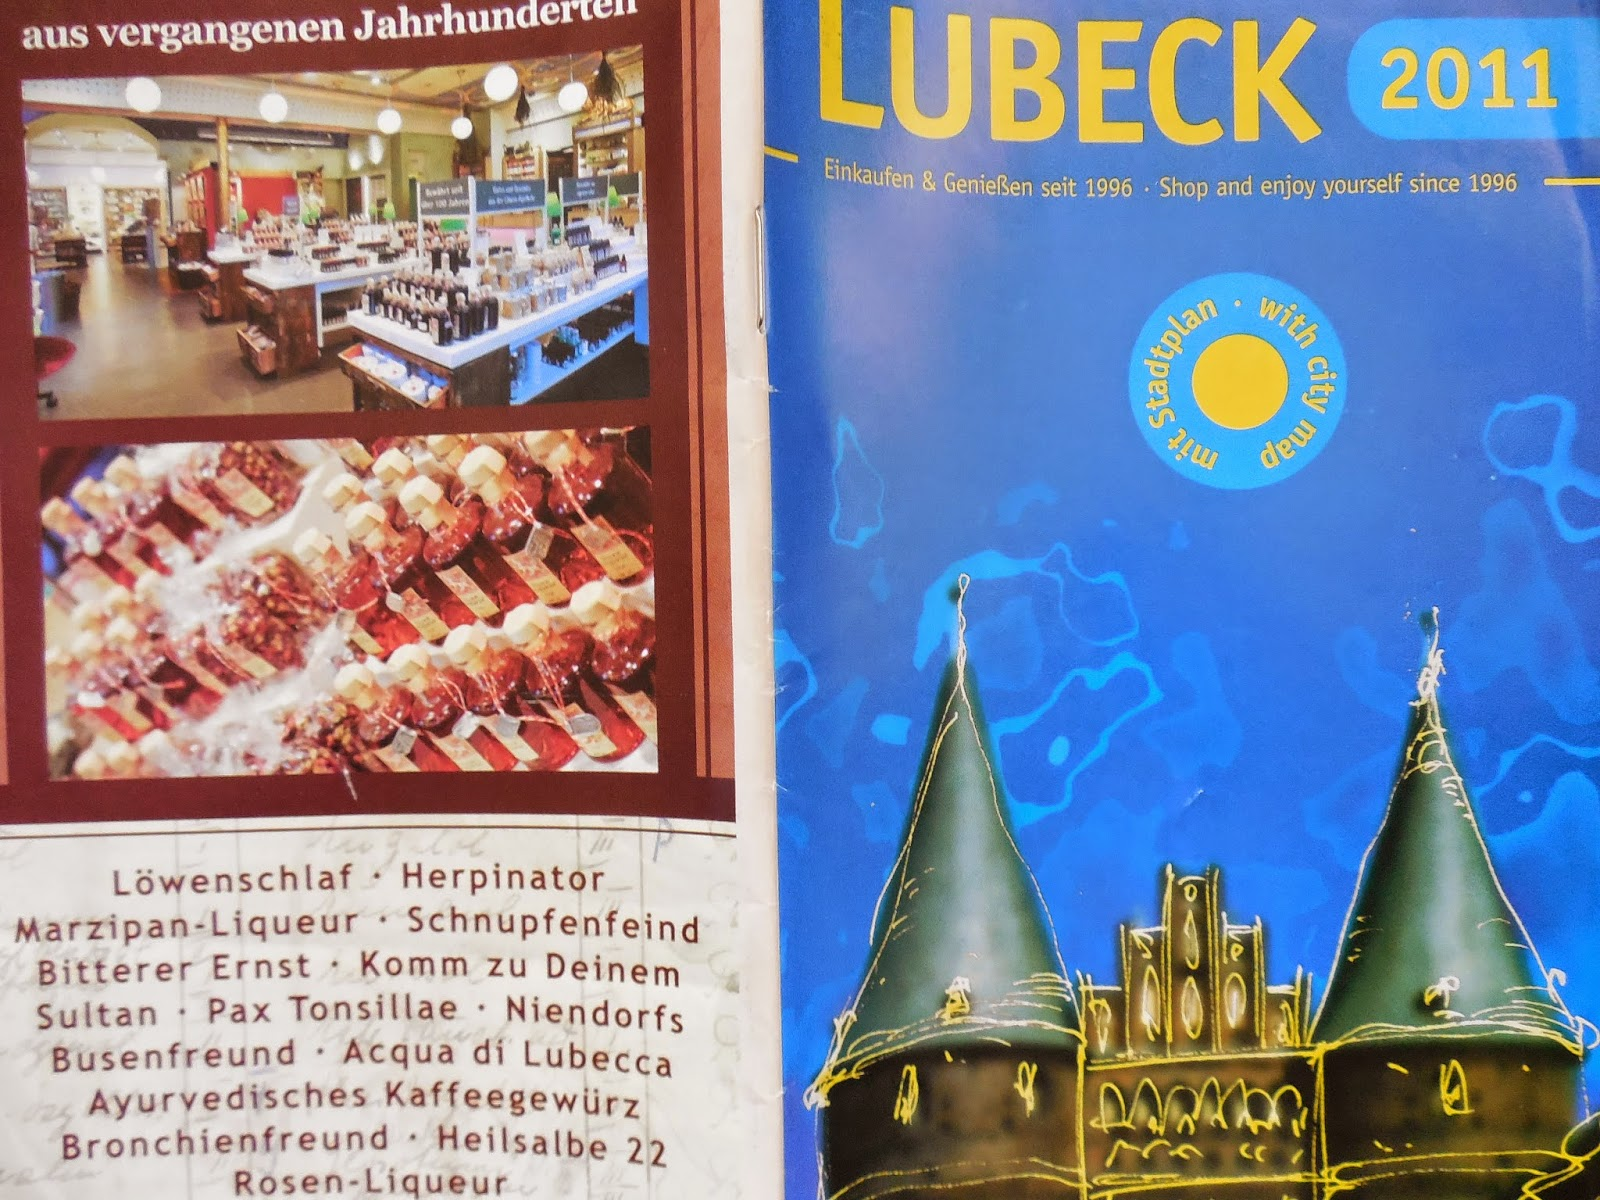 Lubeck